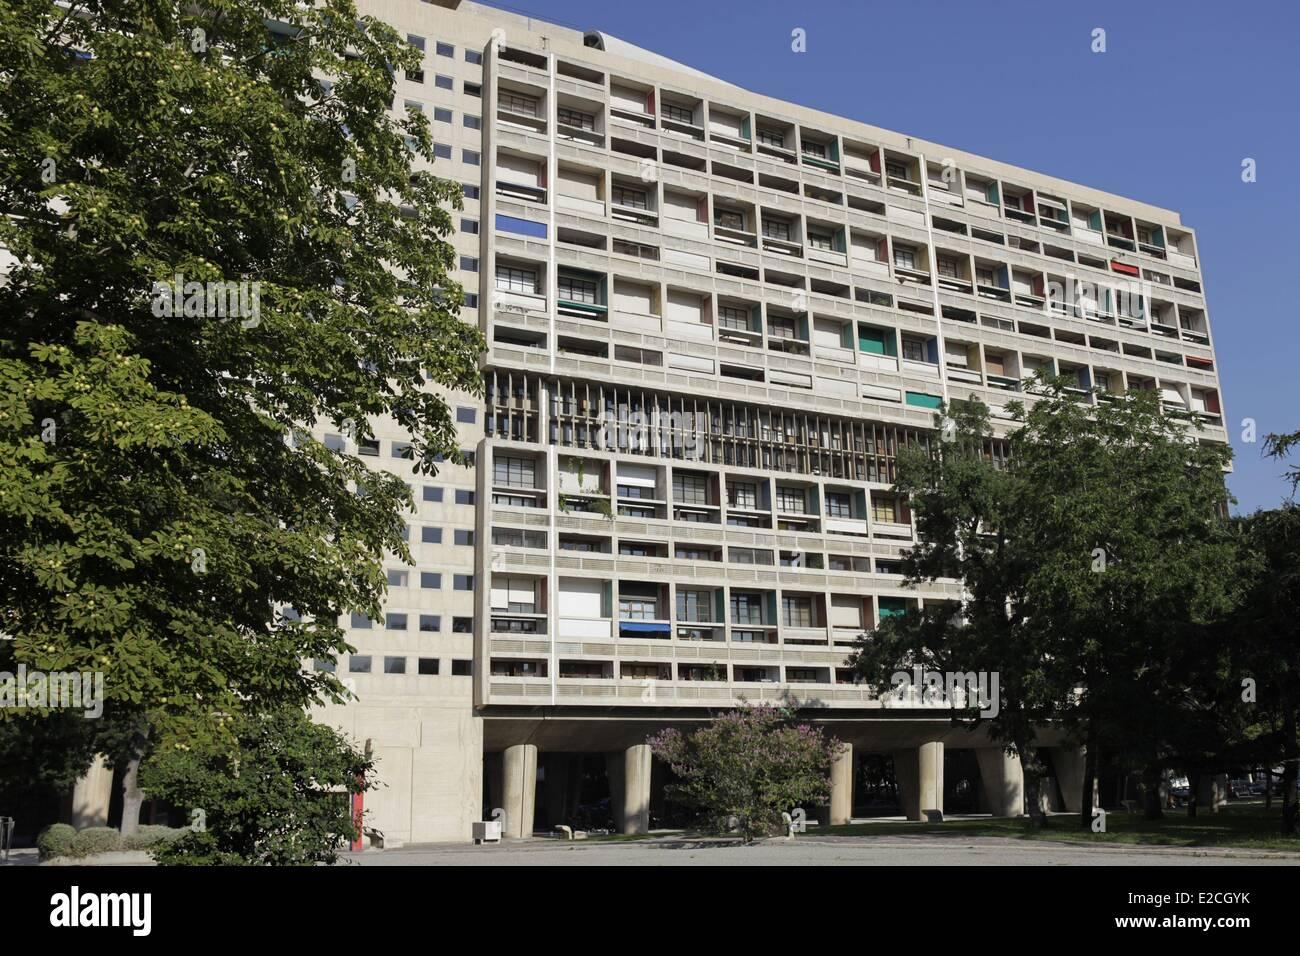 Francia, Bouches du Rhone, Marsiglia, radiosa Cite edificio residenziale dall'architetto Le Corbusier Immagini Stock